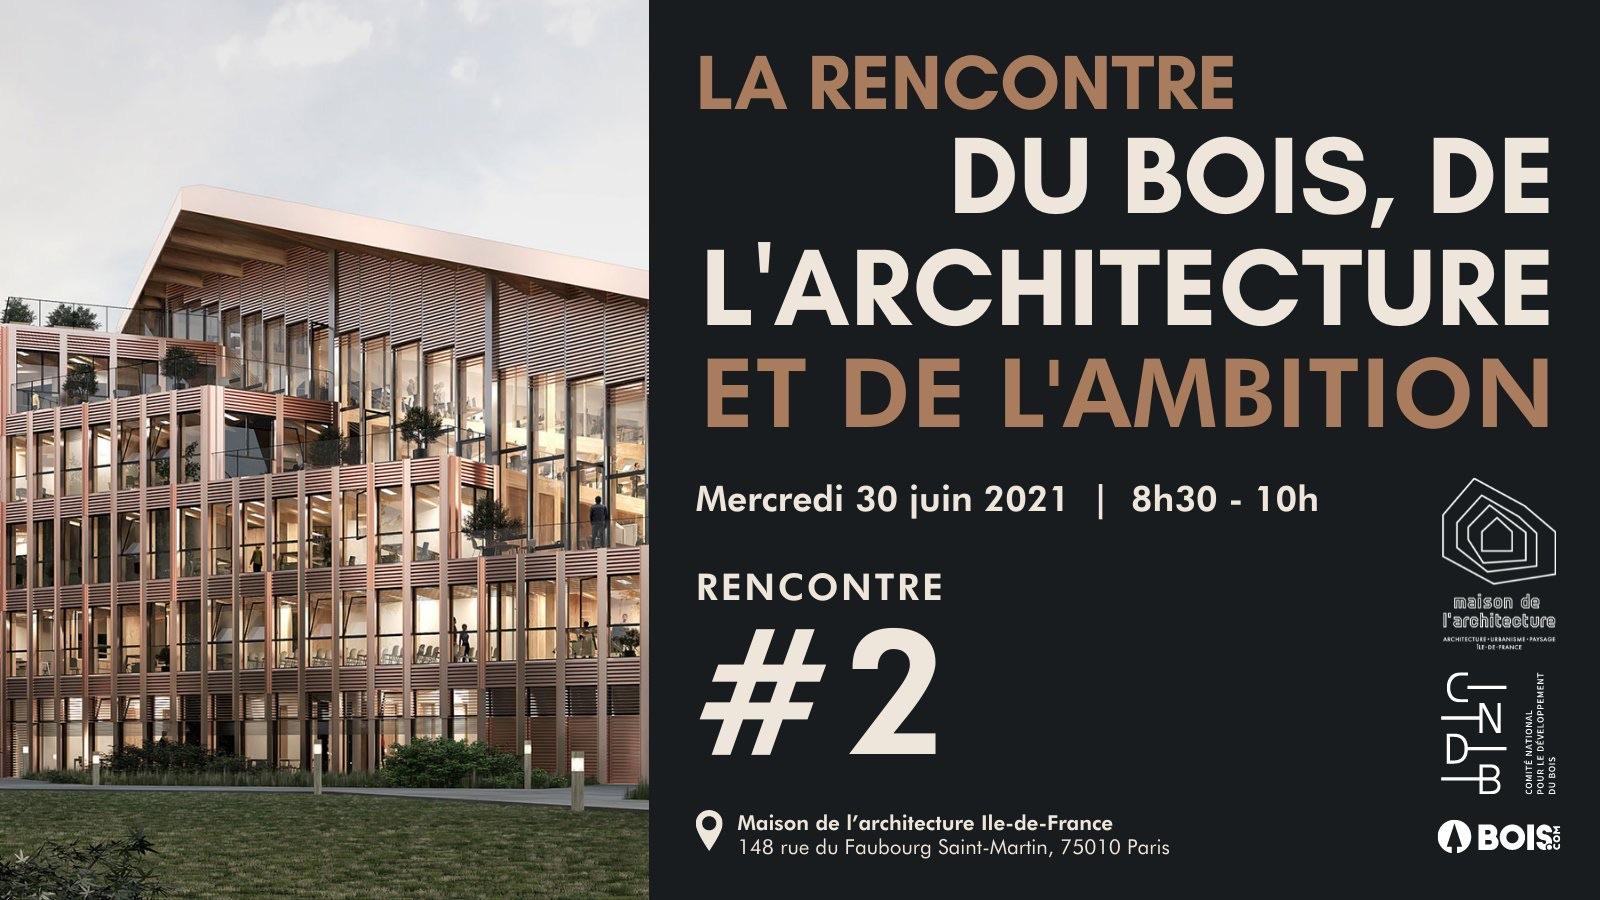 maison de l'architecture bois.com cndb architecte ambition bois